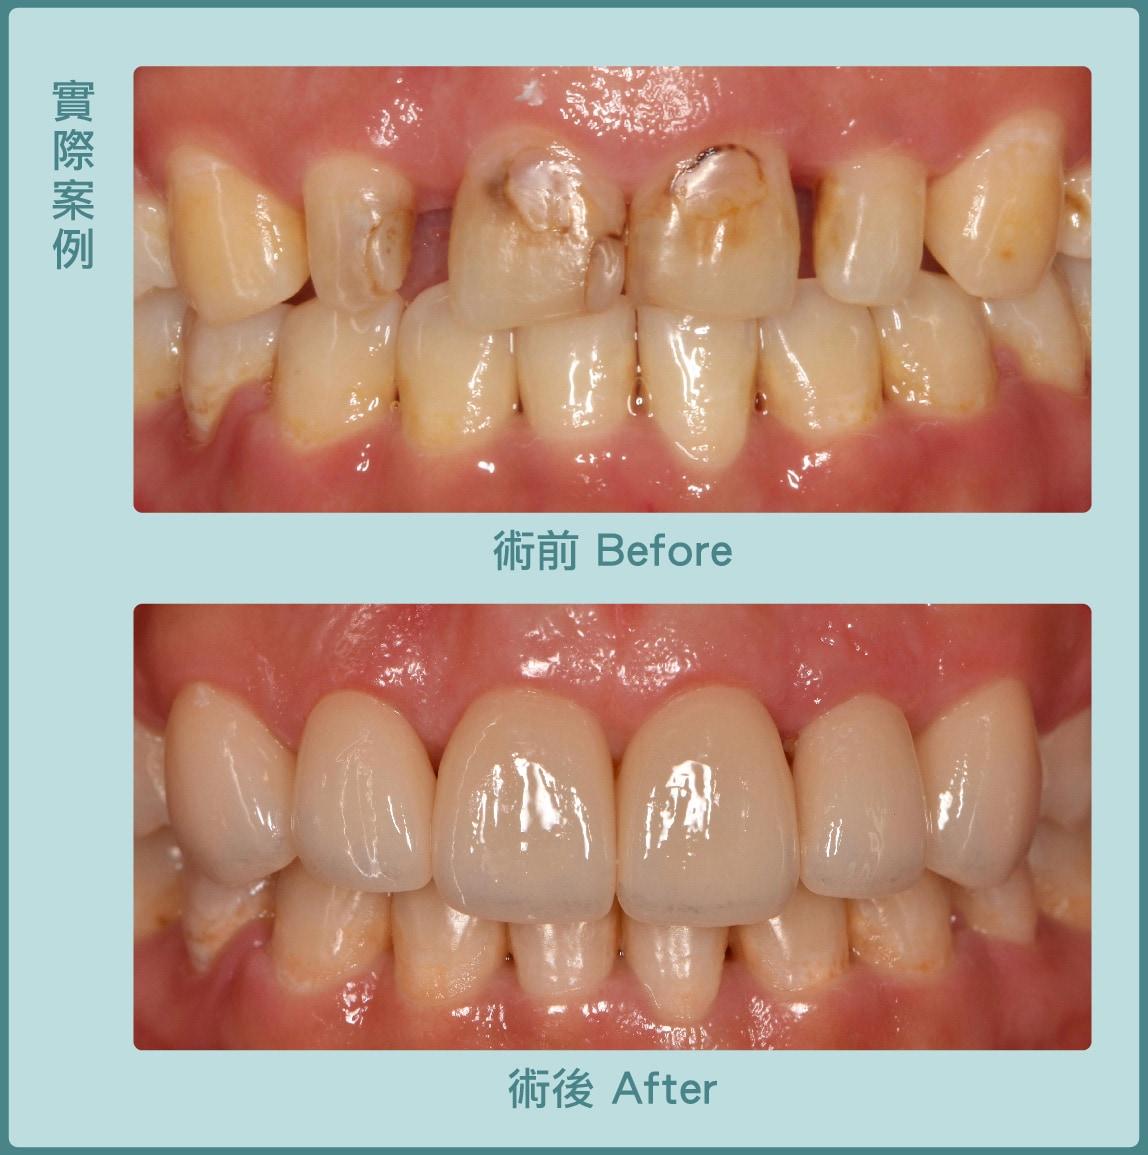 牙冠增長術-牙縫大-瓷牙貼片-術前術後比較-葉立維醫師-桃園